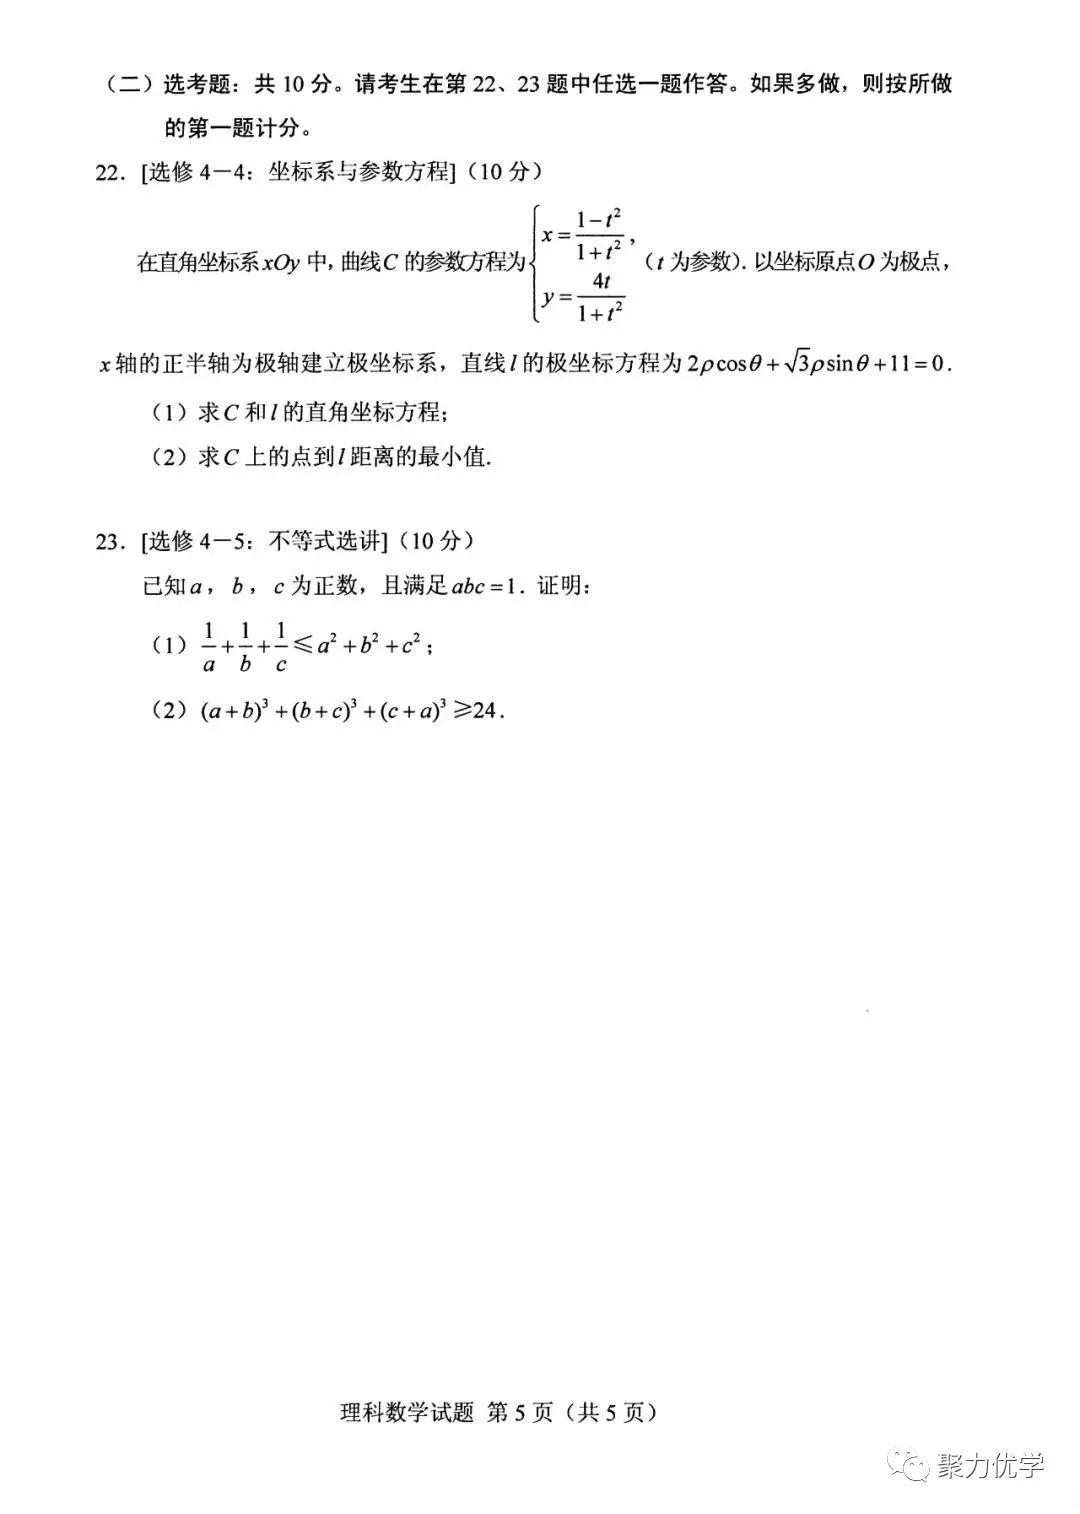 2019年高考理科数学试卷及答案